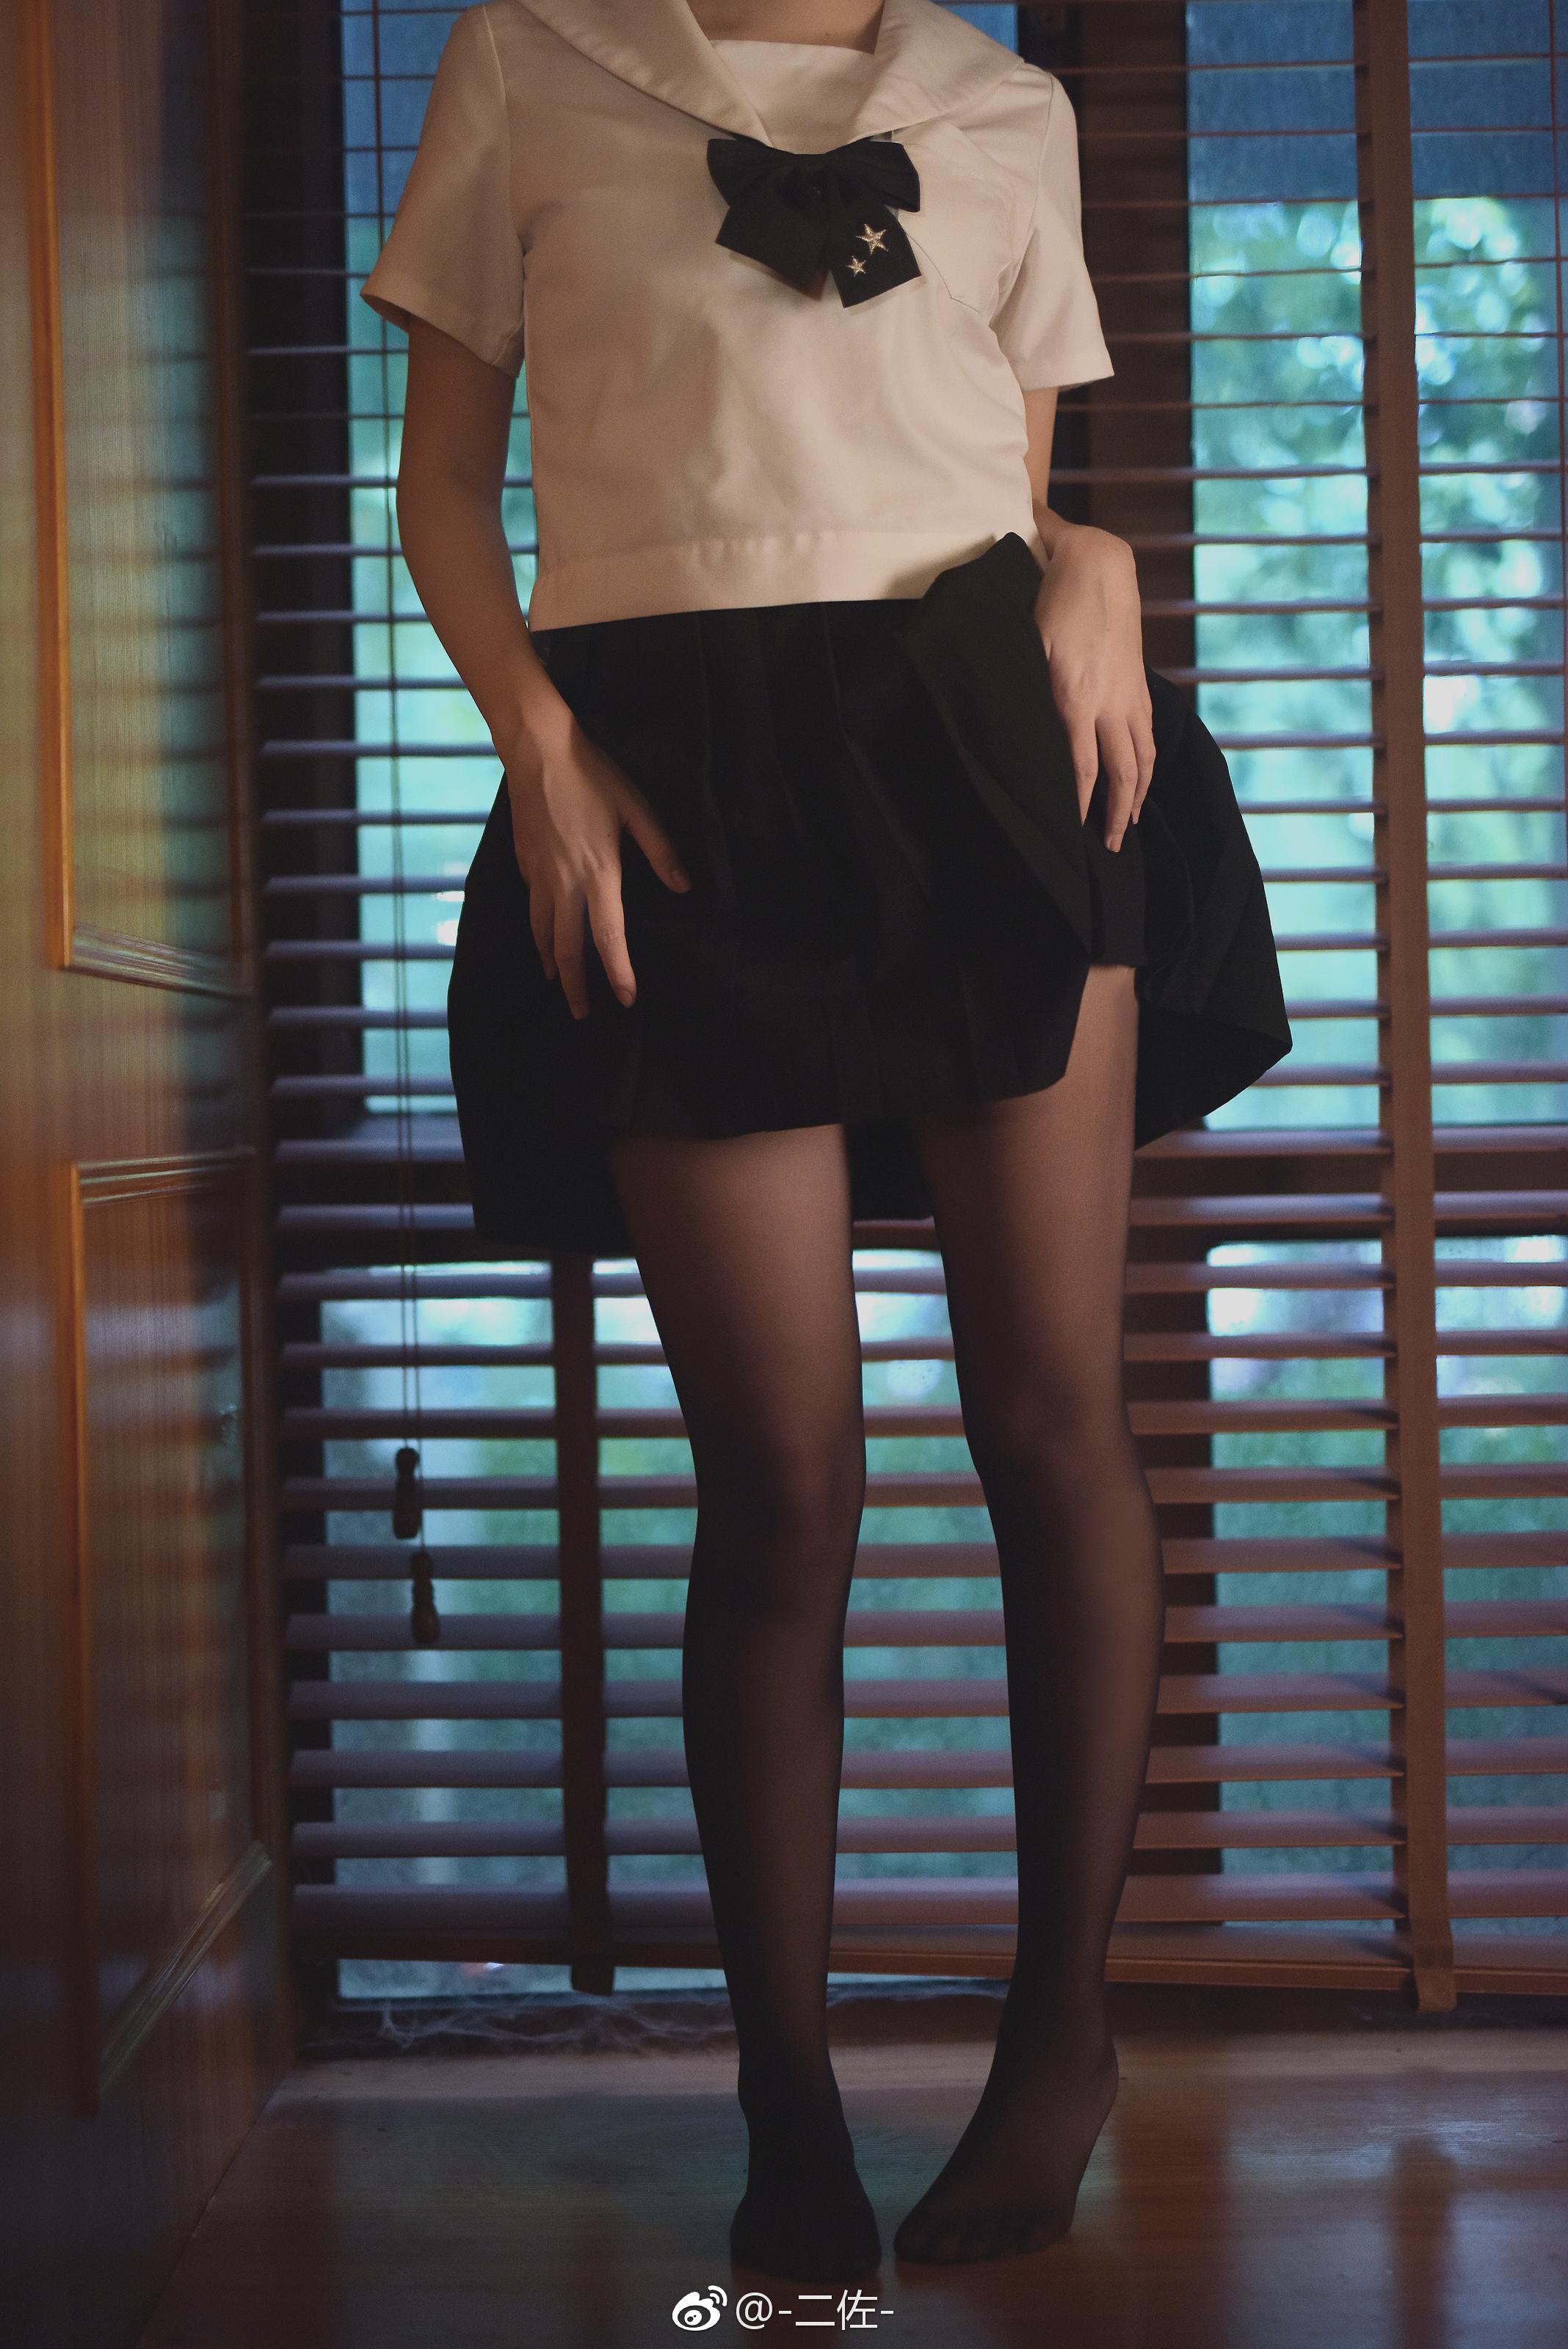 最近难得的一组高质量萌妹JK制服写真 美女写真-第4张